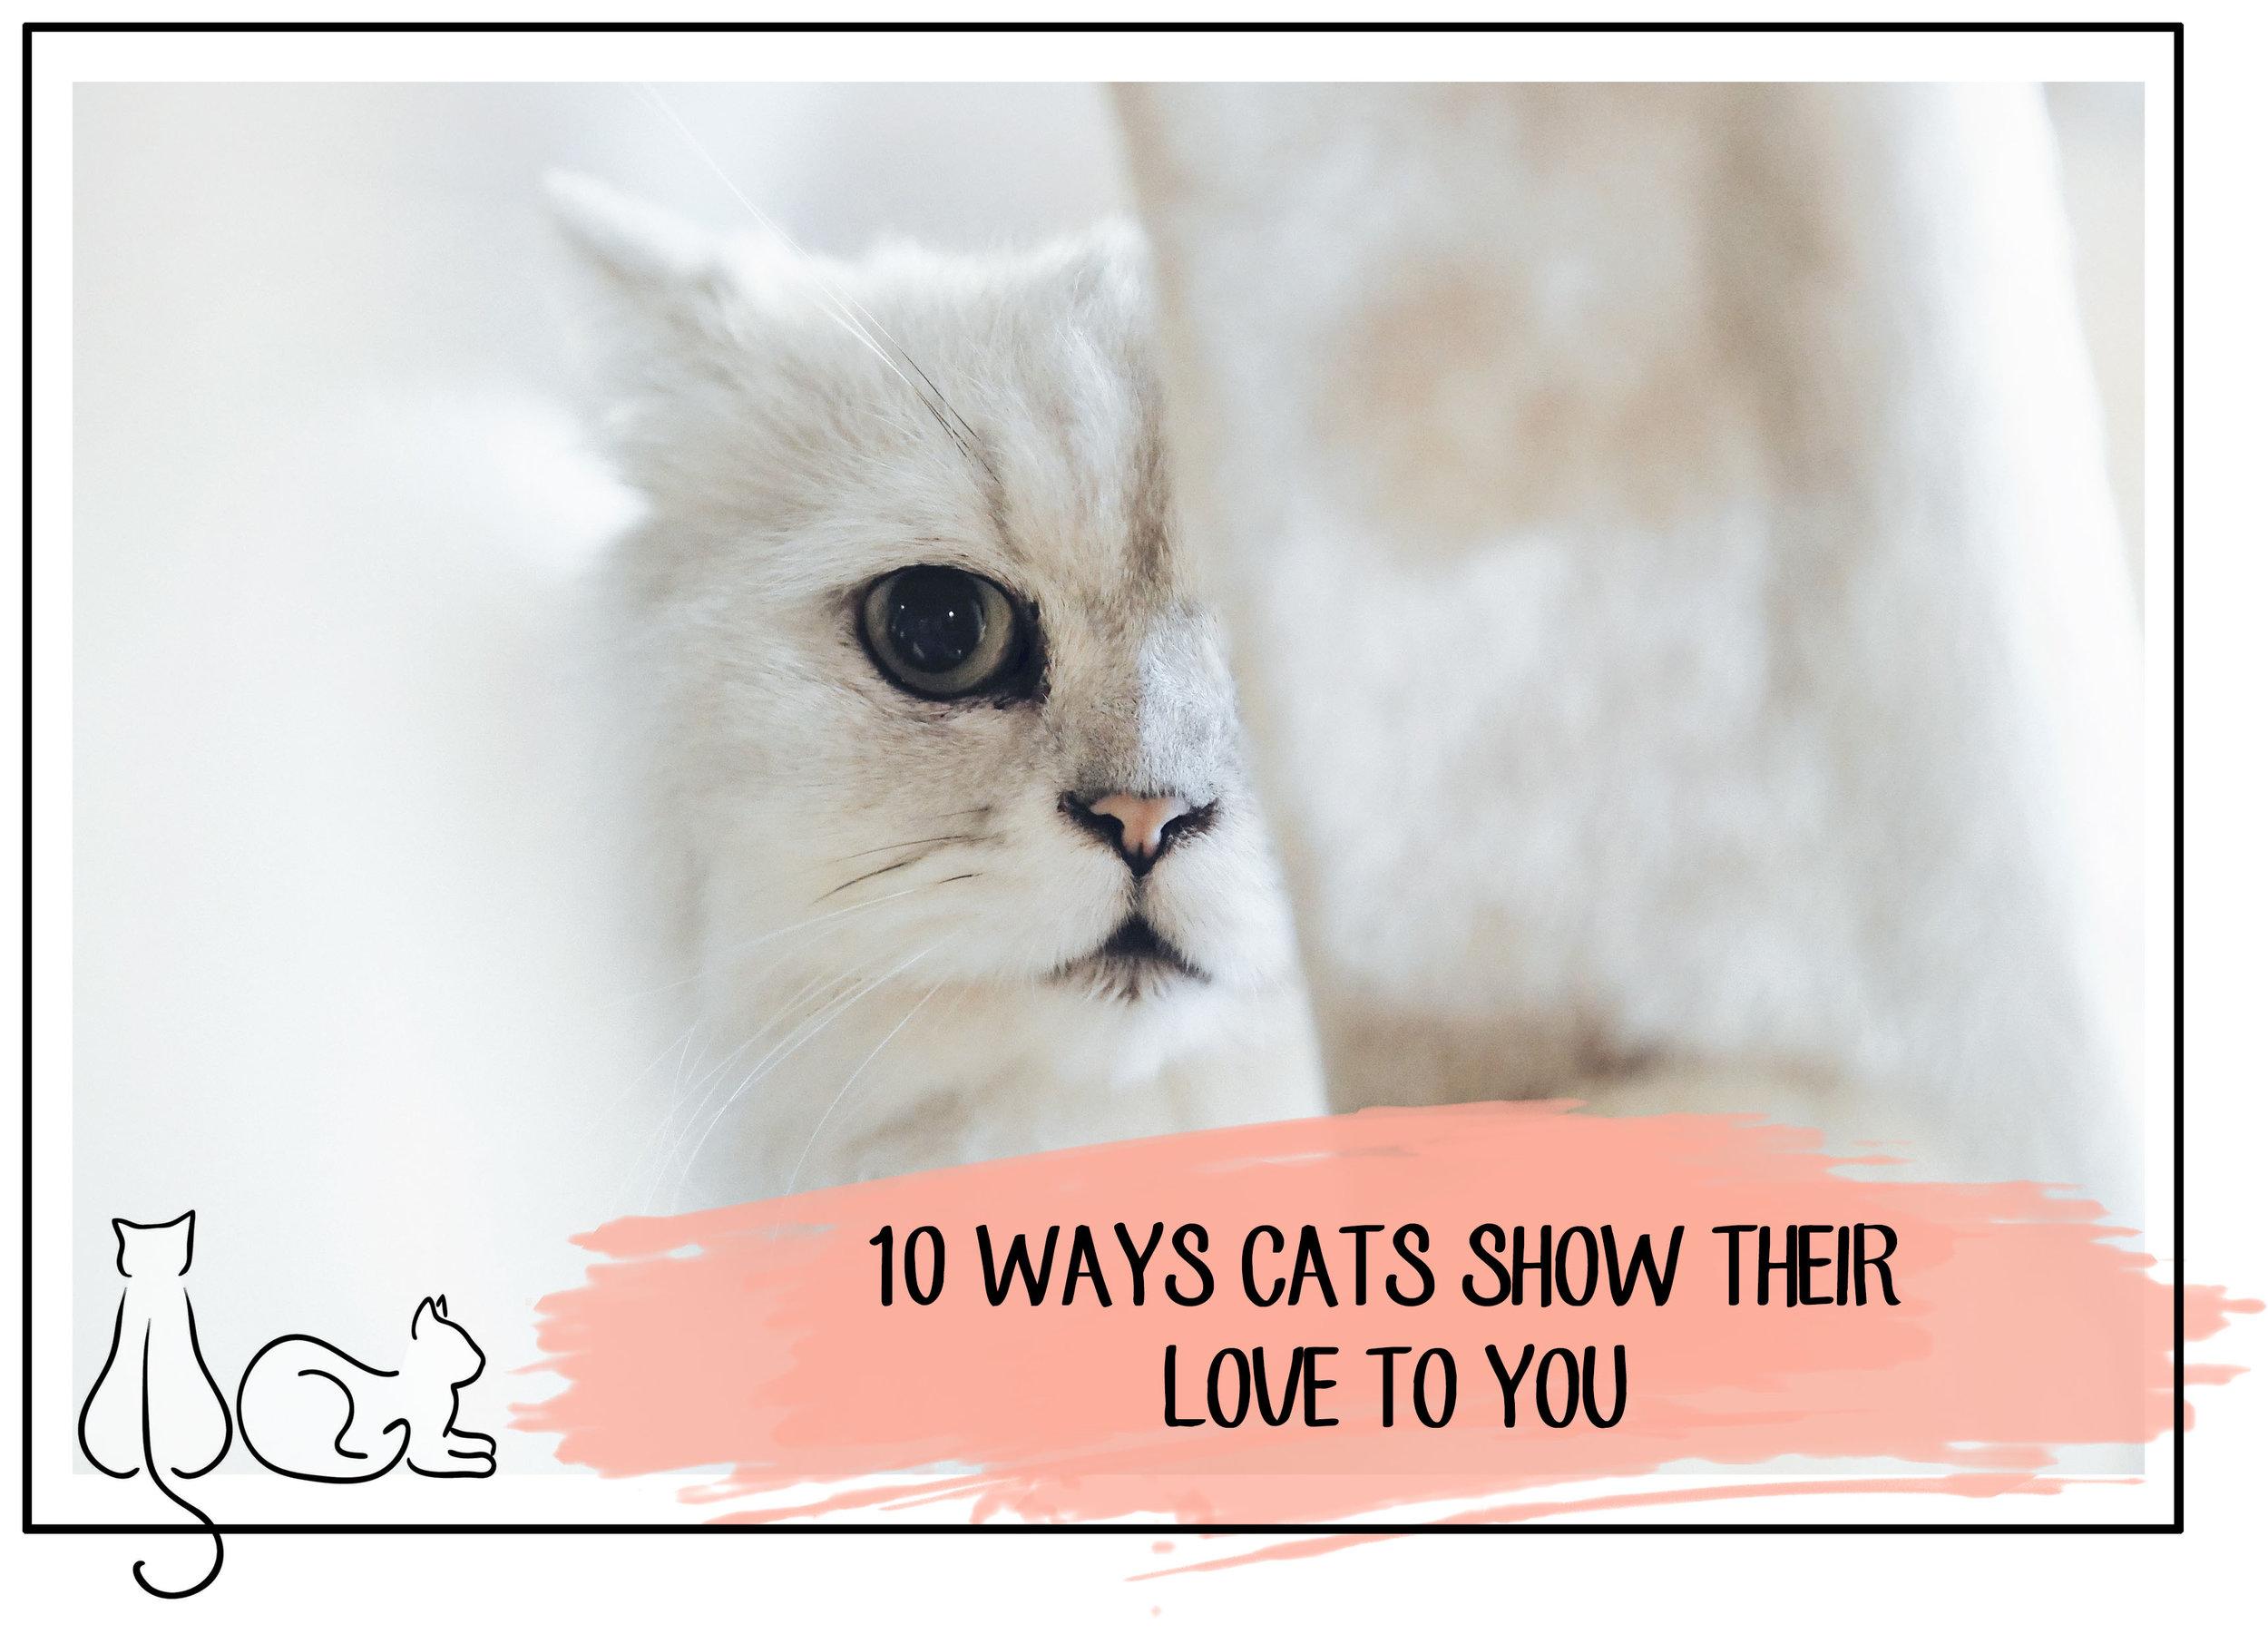 CATS SHOW THEIR LOVE.JPG